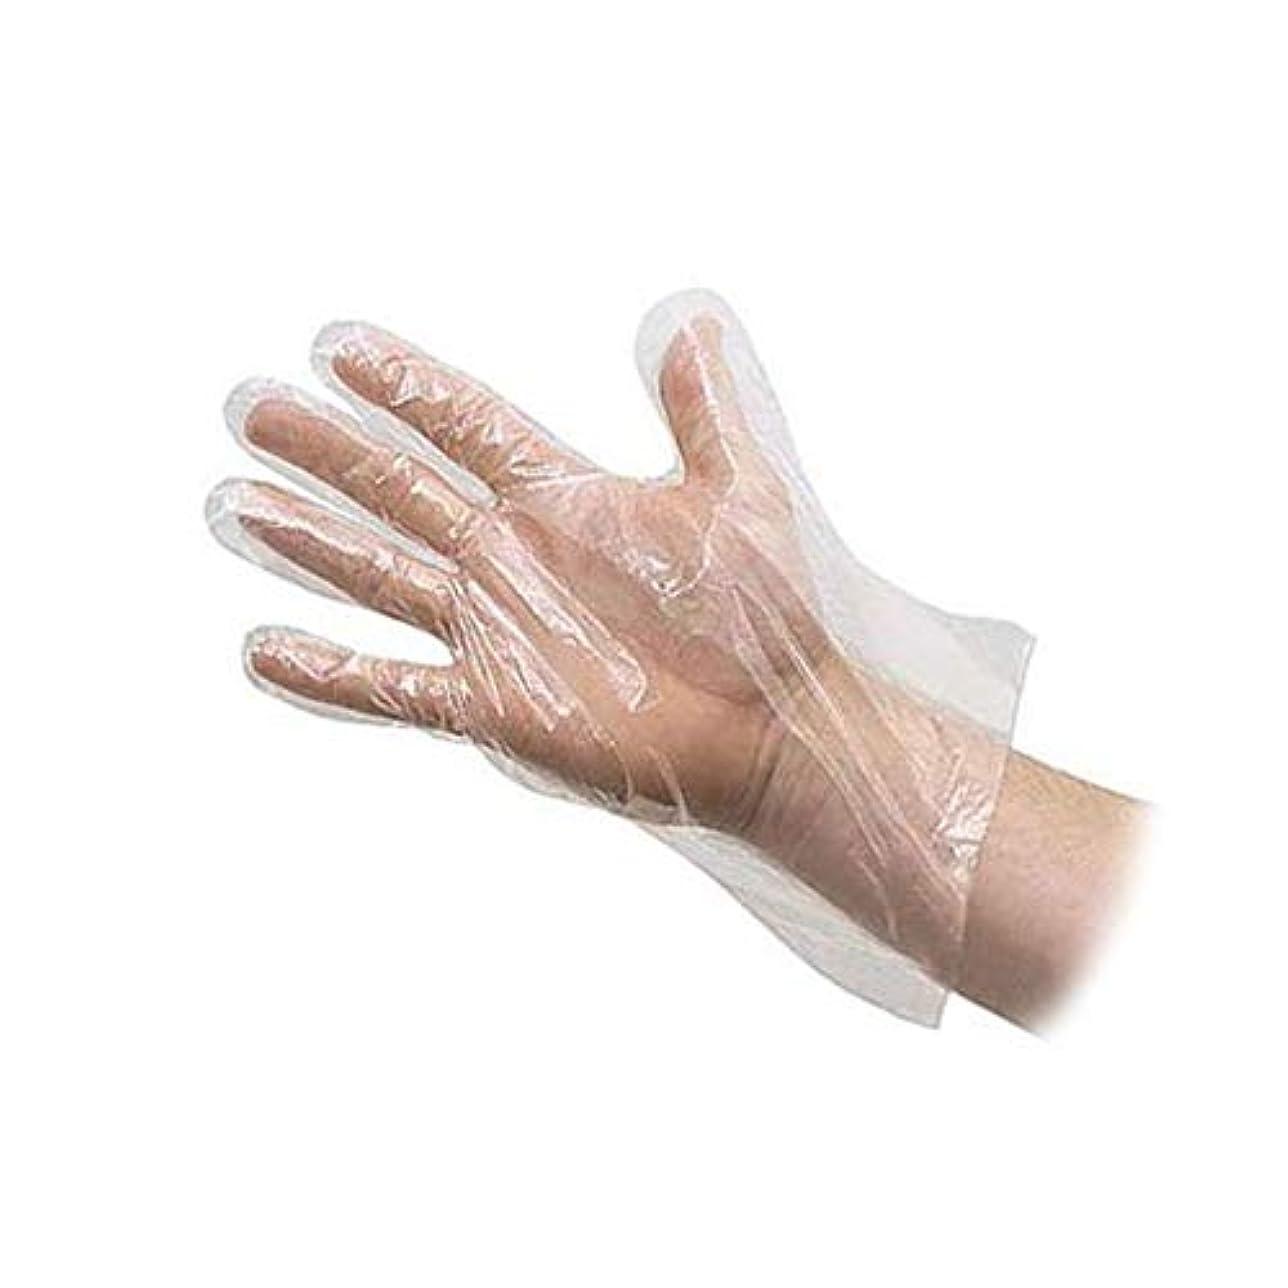 満州平和なお勧め(デマ―クト)De?markt ポリエチレン 手袋 使い捨て手袋 カタエンボス 調理用 食品 プラスチック ホワイト 粉なし 食品衛生 透明 左右兼用 薄型 ビニール極薄手袋 100枚入